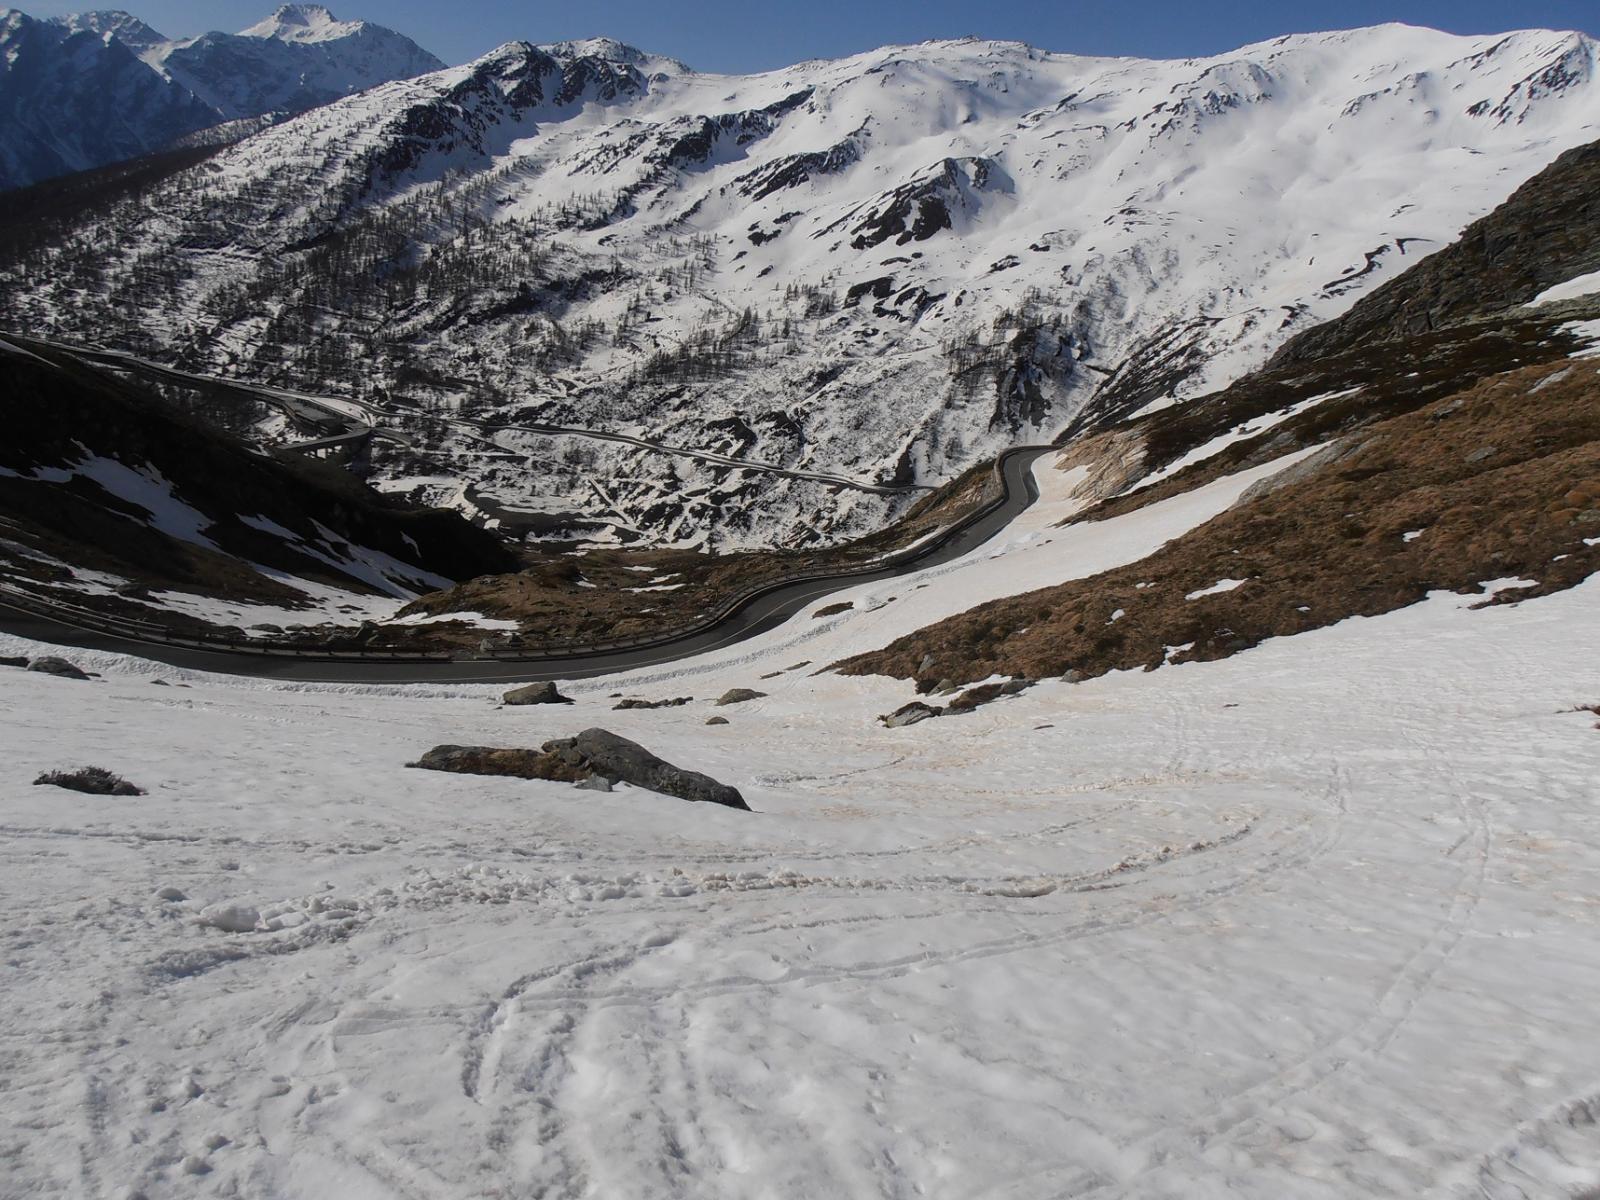 05 - la neve inizia, ancora abbondante sotto i piani di La Cantine